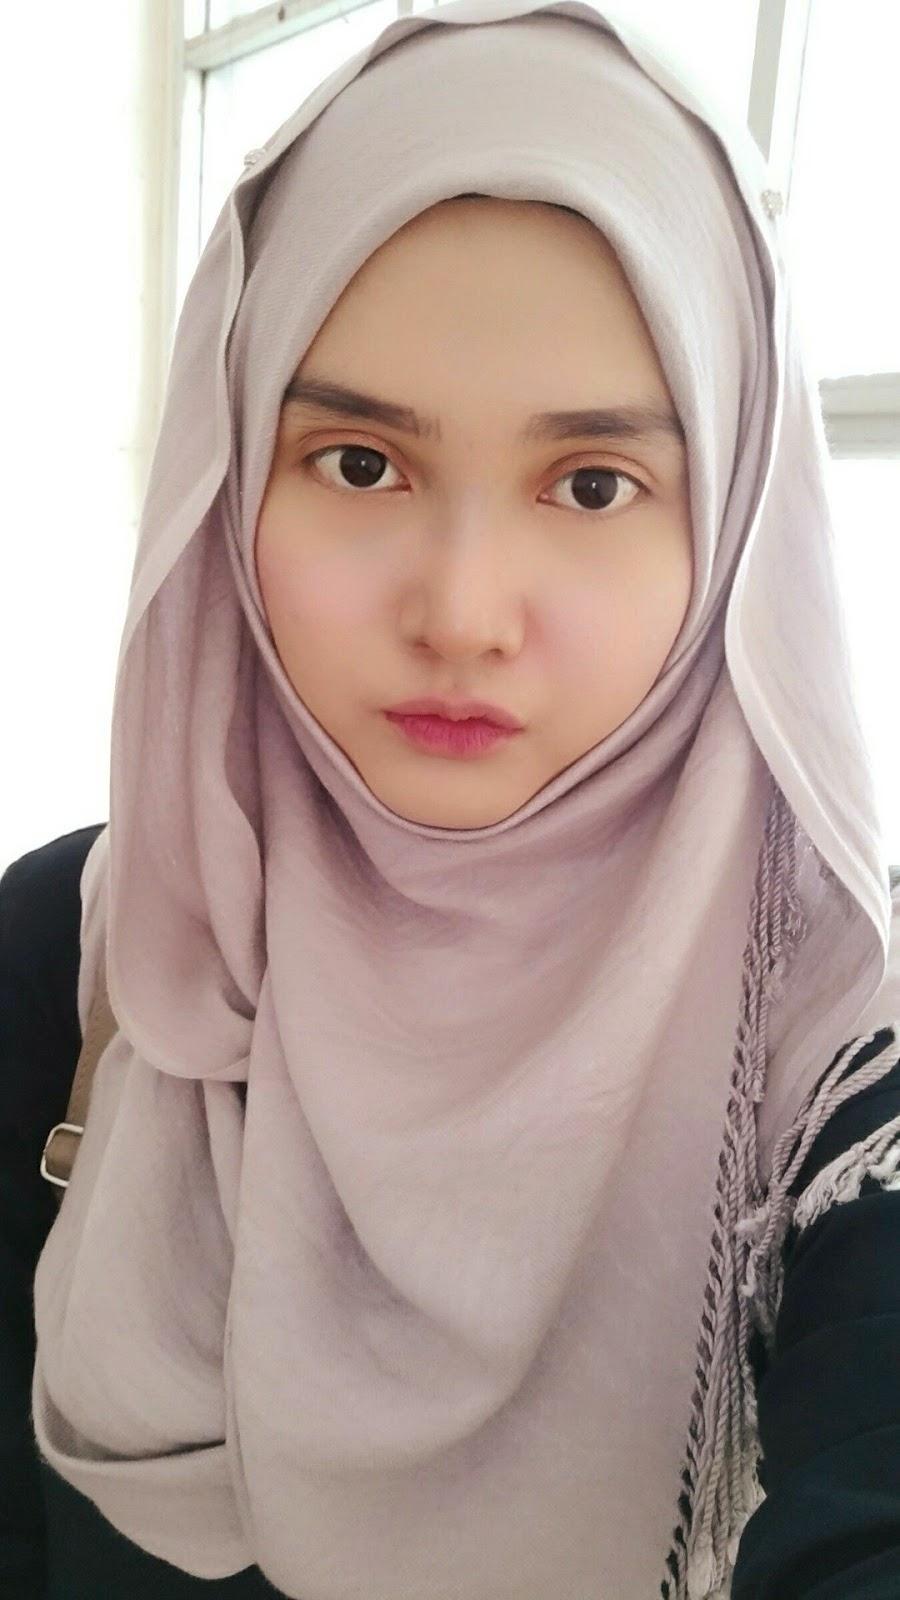 Mahasiswi manis cantik jilbab instan abu abu